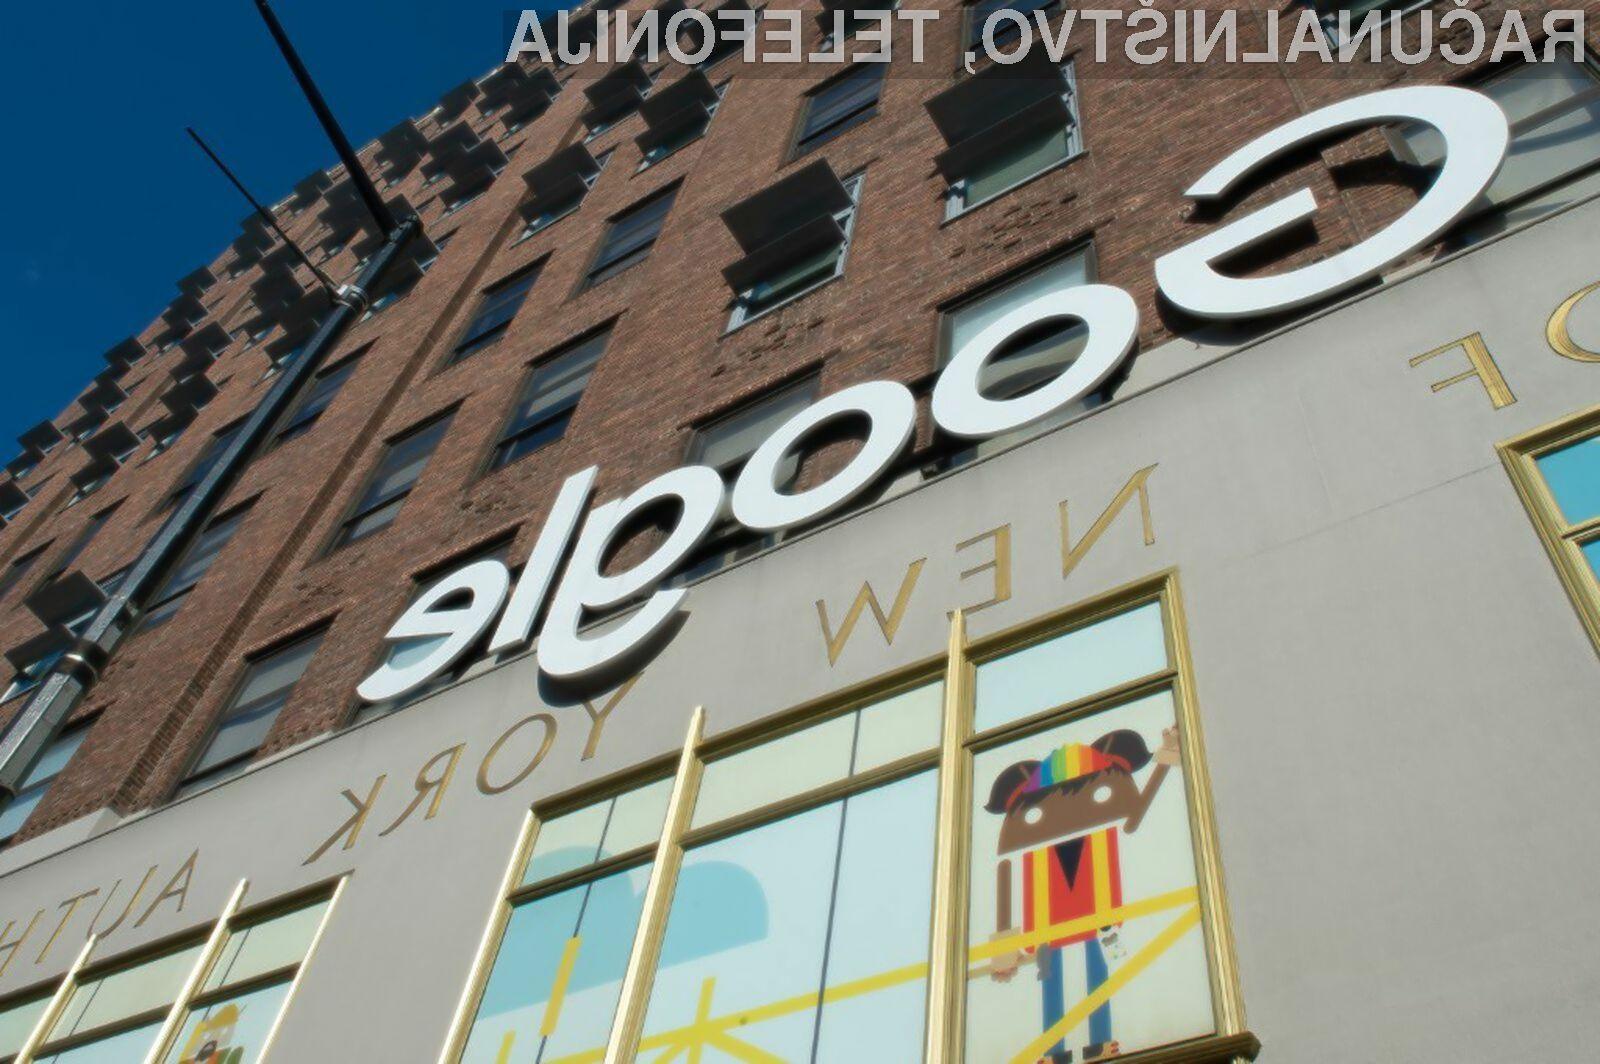 Podjetju Google v mestu New York grozi denarna kazen zaradi onesnaževanja okolja.